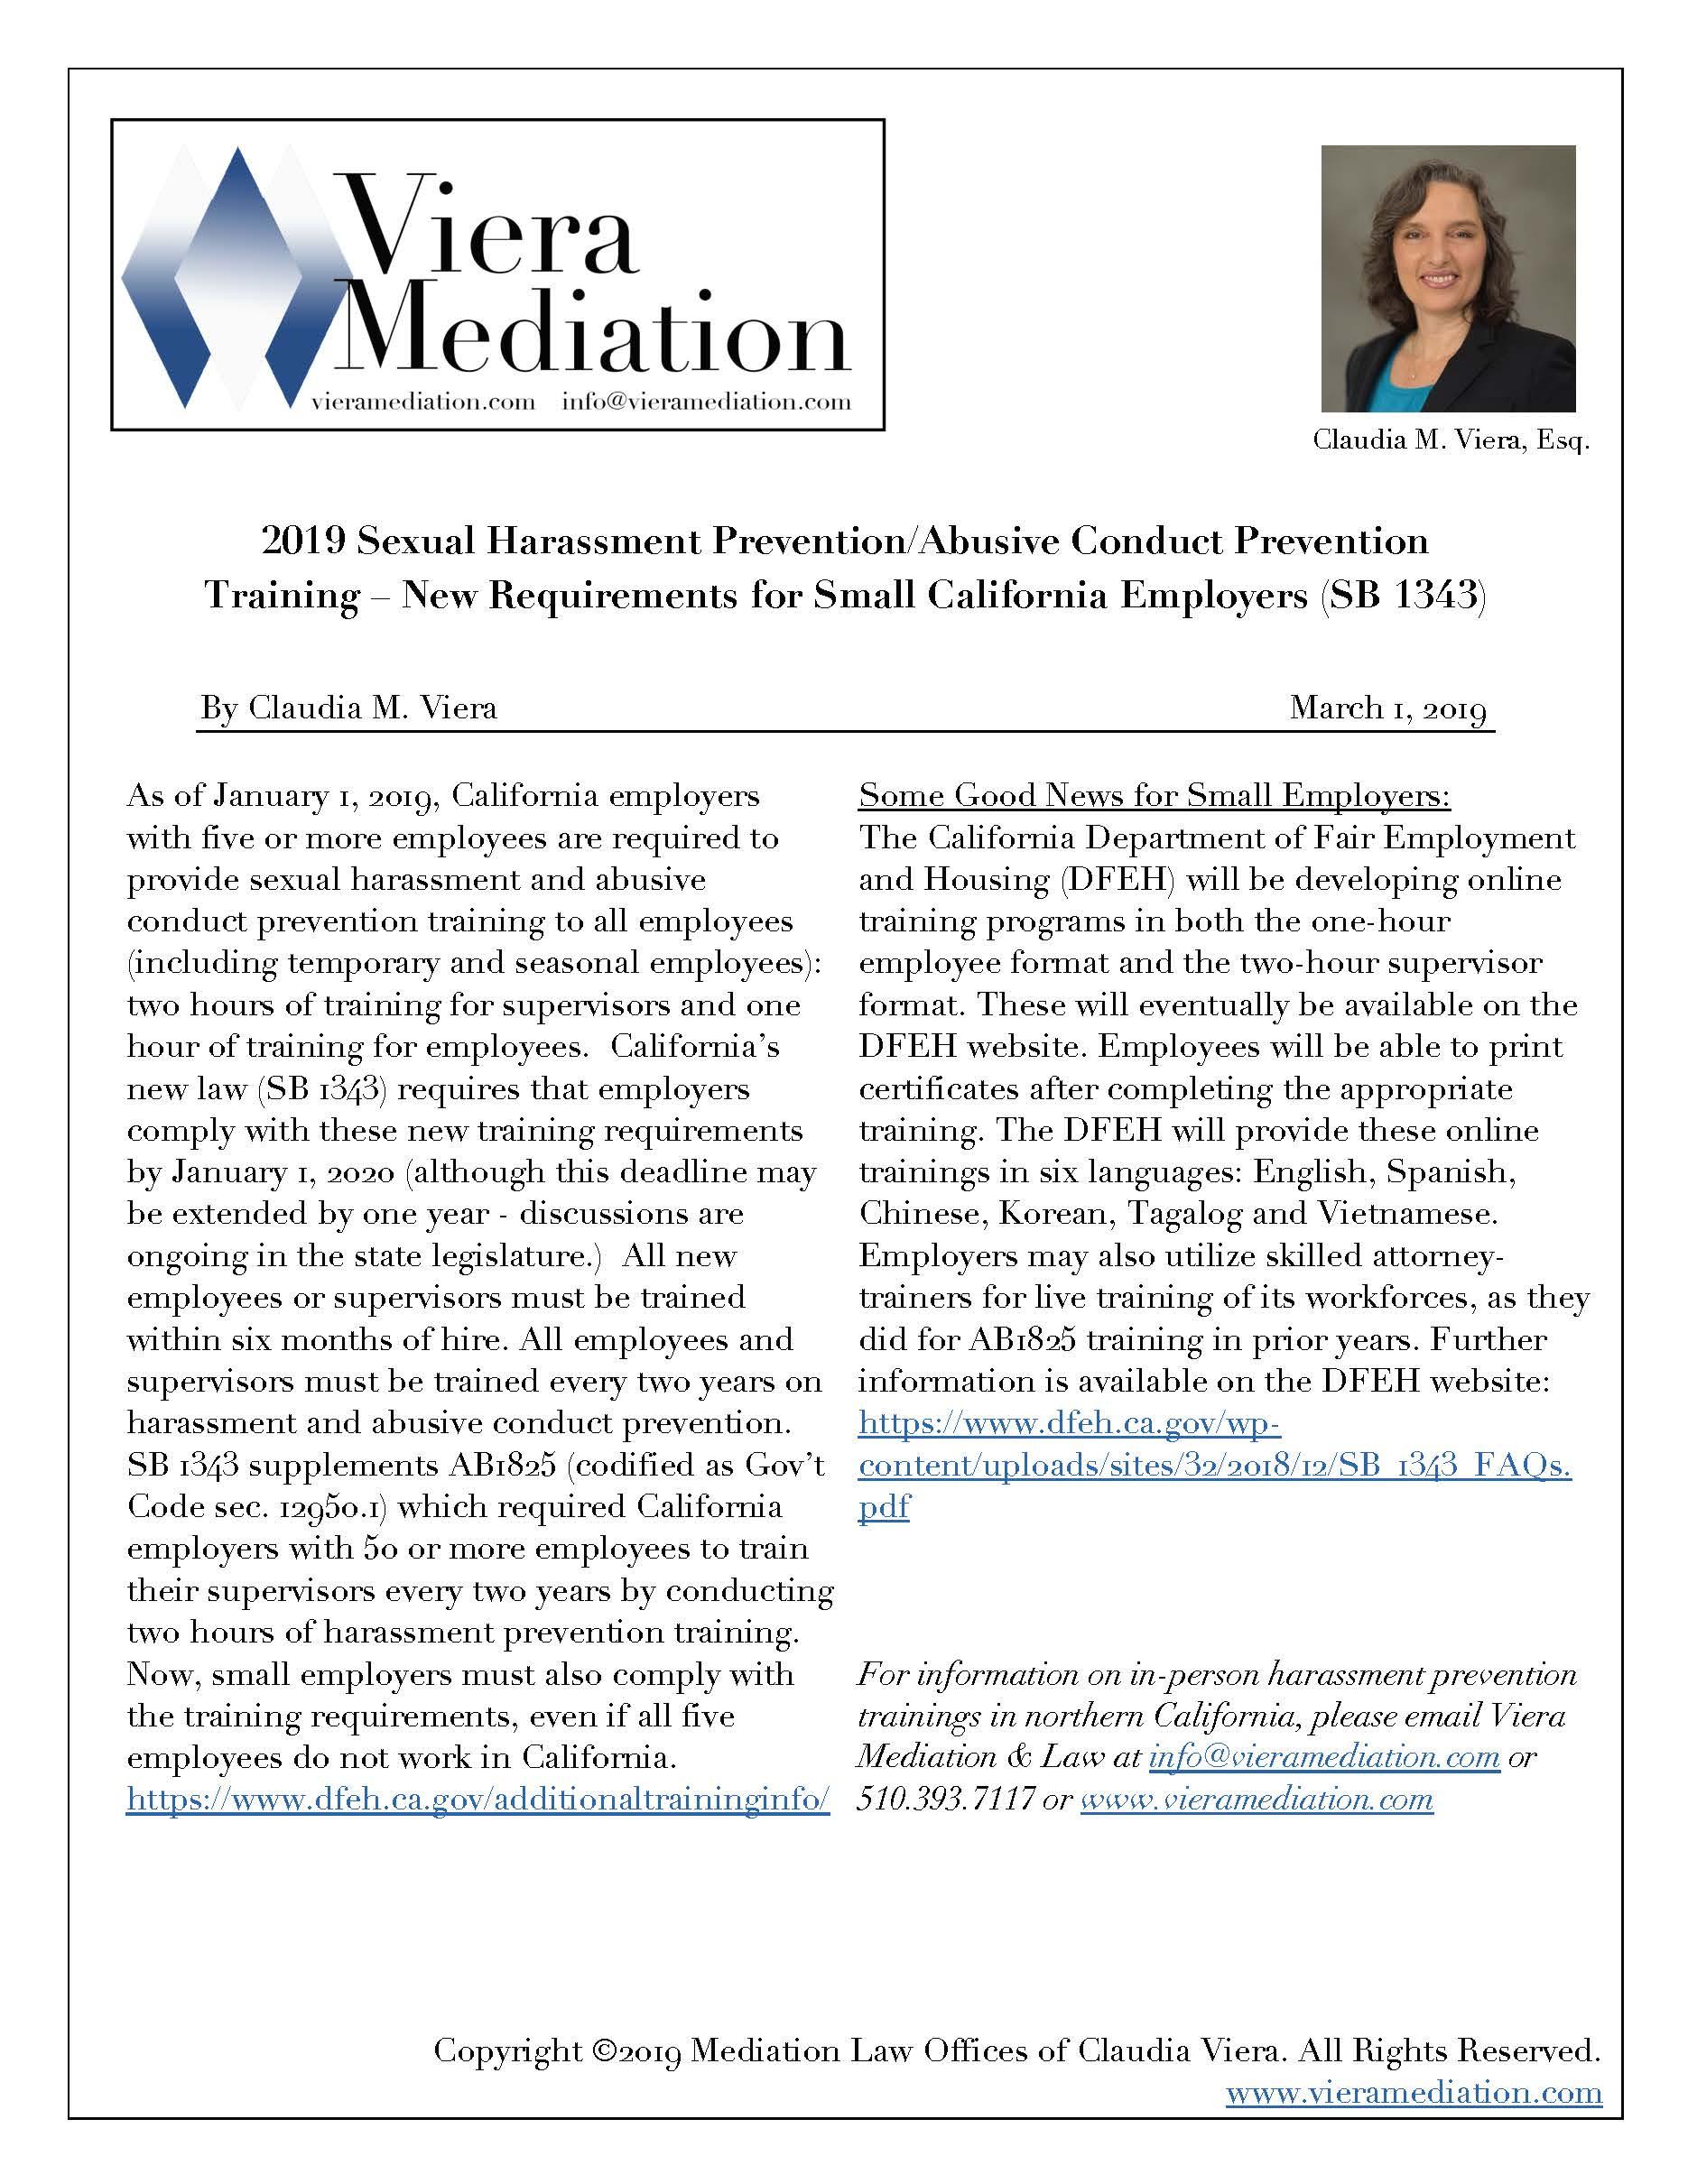 2019 Sexual Harassment Prevention SB 1343.jpg